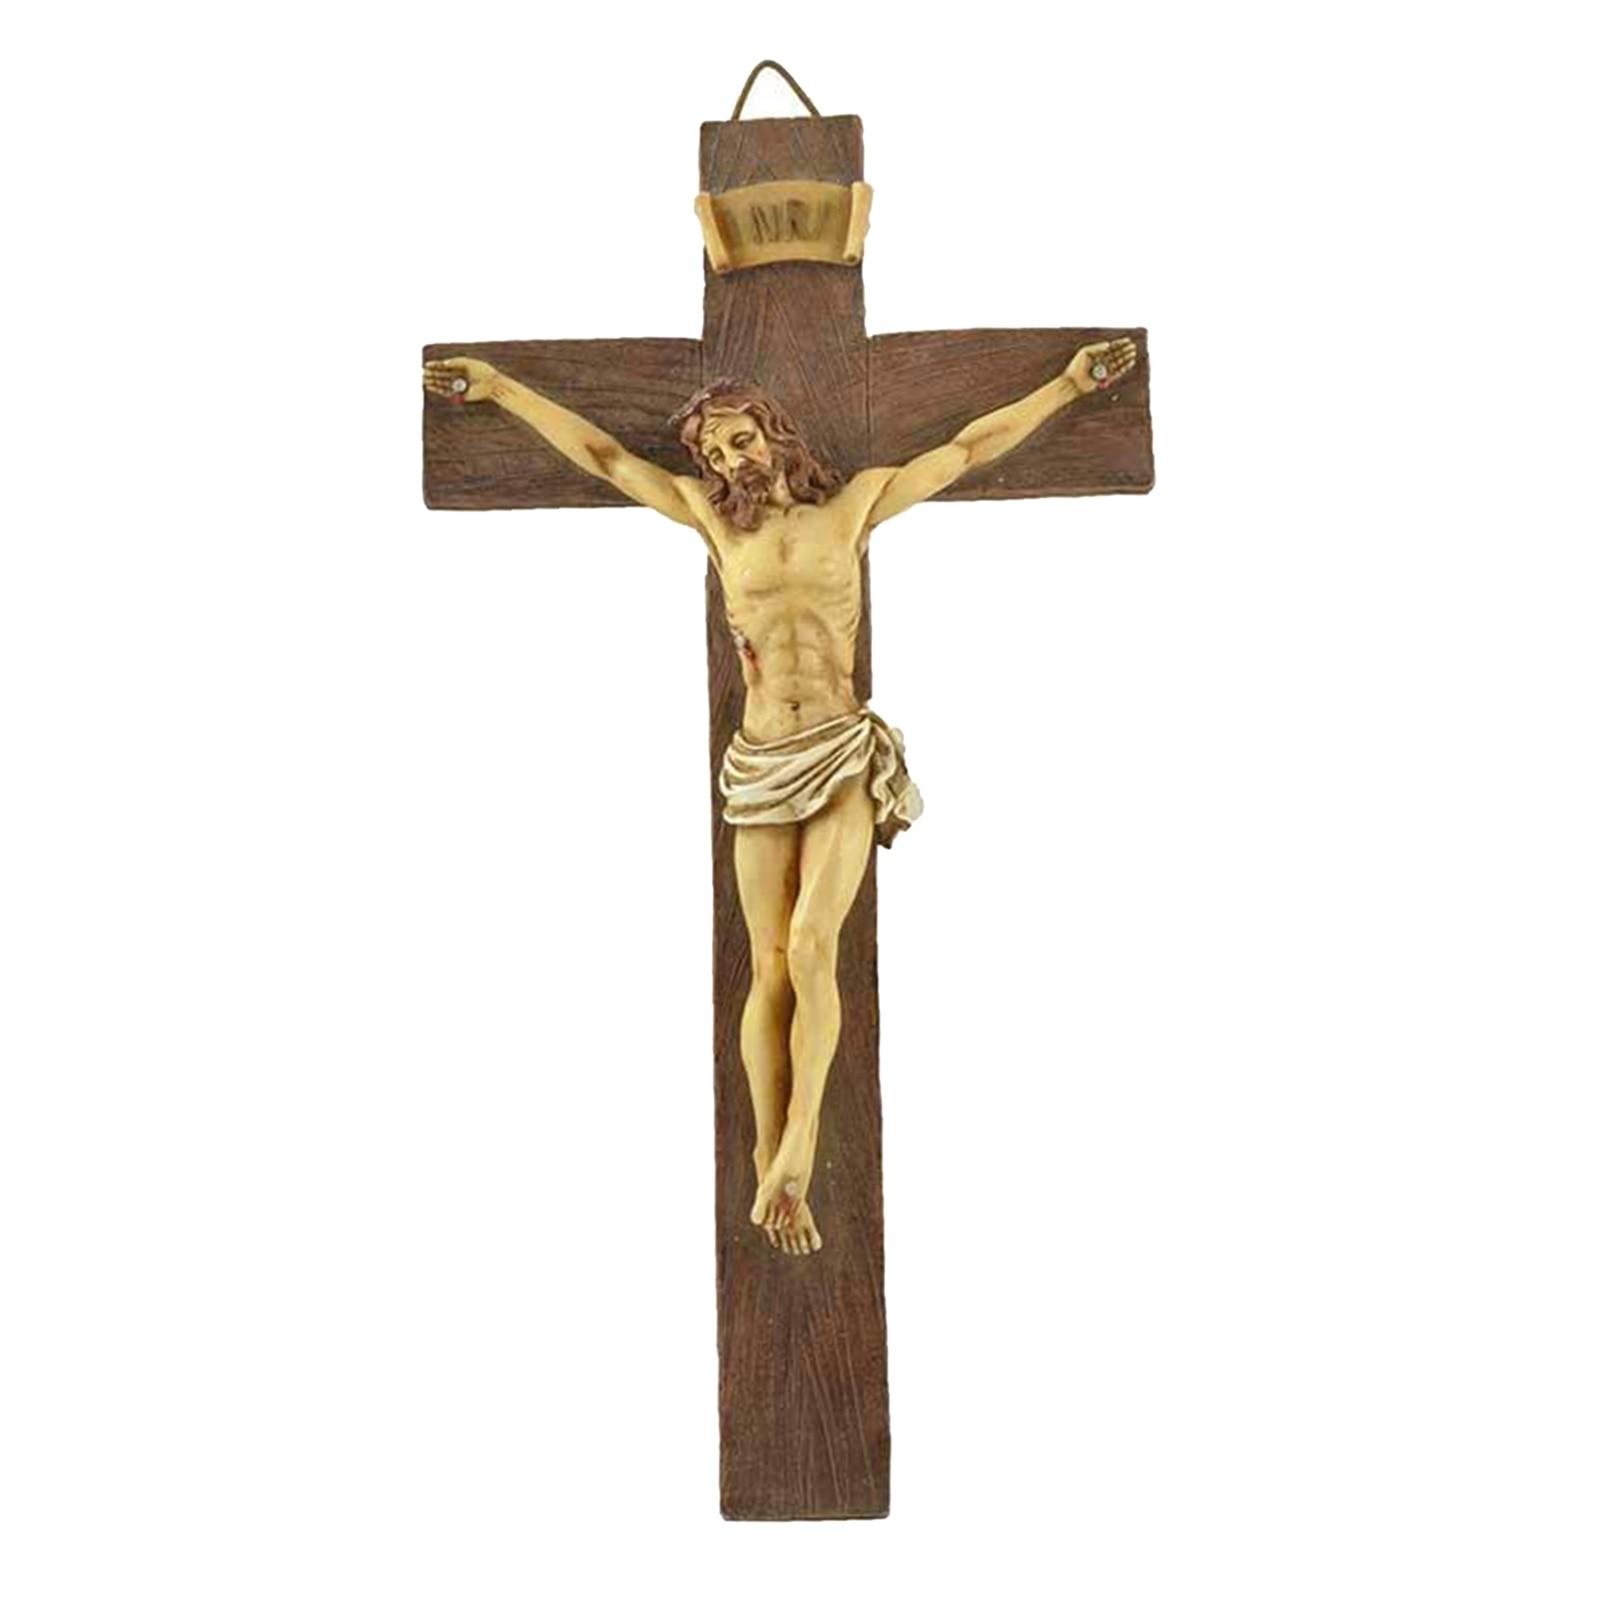 Деревянный крест Иисуса Христа, статуя страдания, религиозная молитва, распятие, подвесной кулон, украшение для церкви